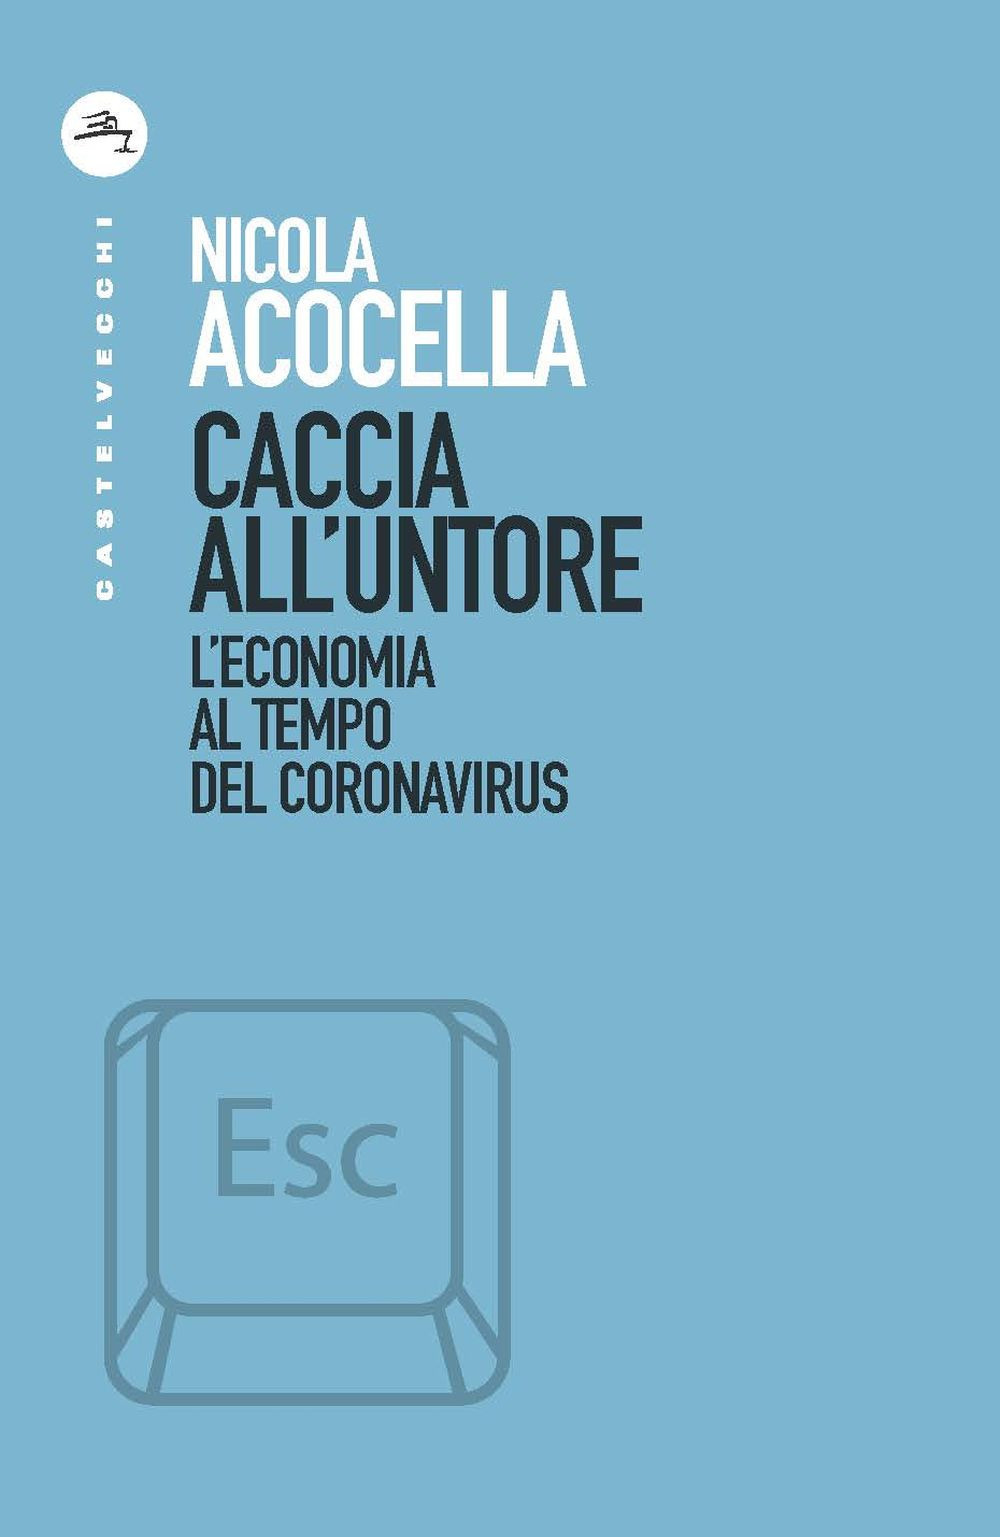 CACCIA ALL'UNTORE. L'ECONOMIA AL TEMPO DEL CORONAVIRUS - 9788832901153